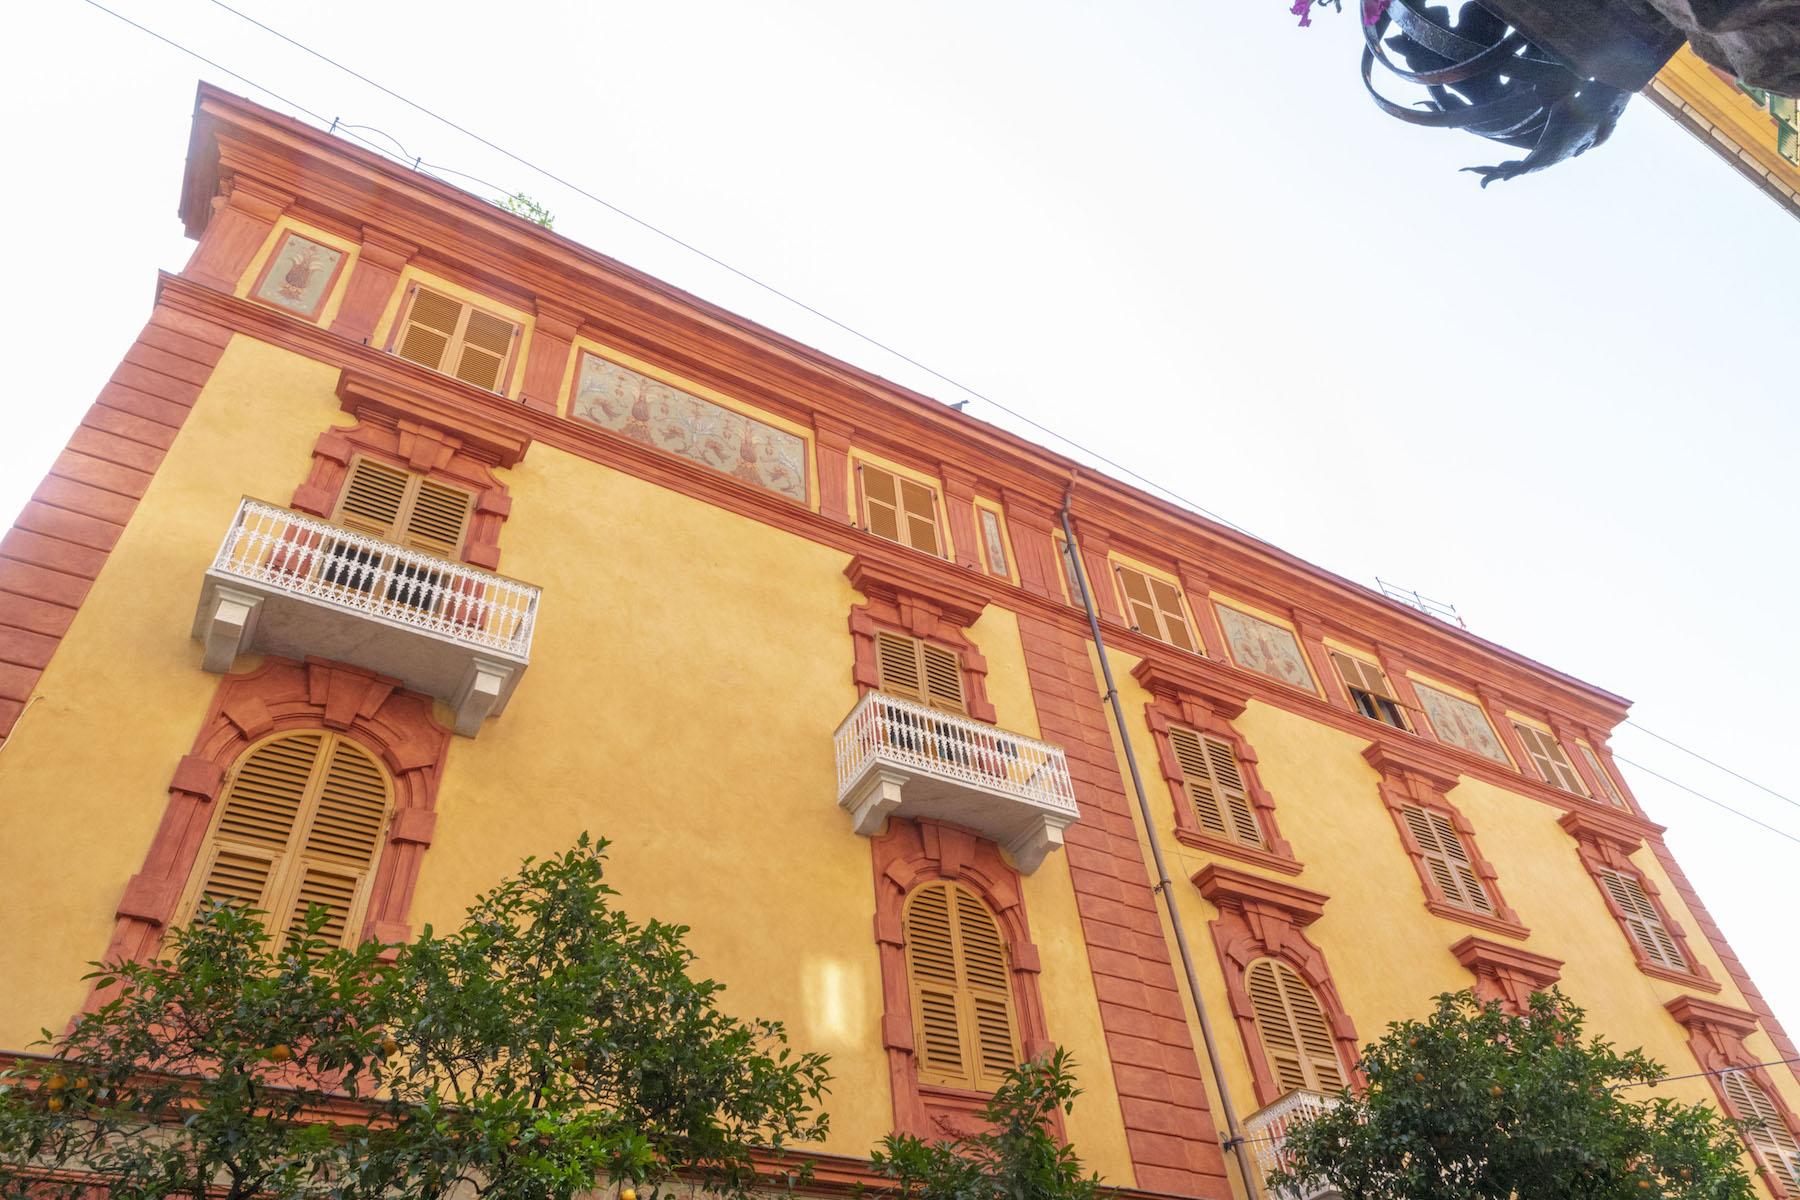 Ramella Edilizia - Via Oberdan